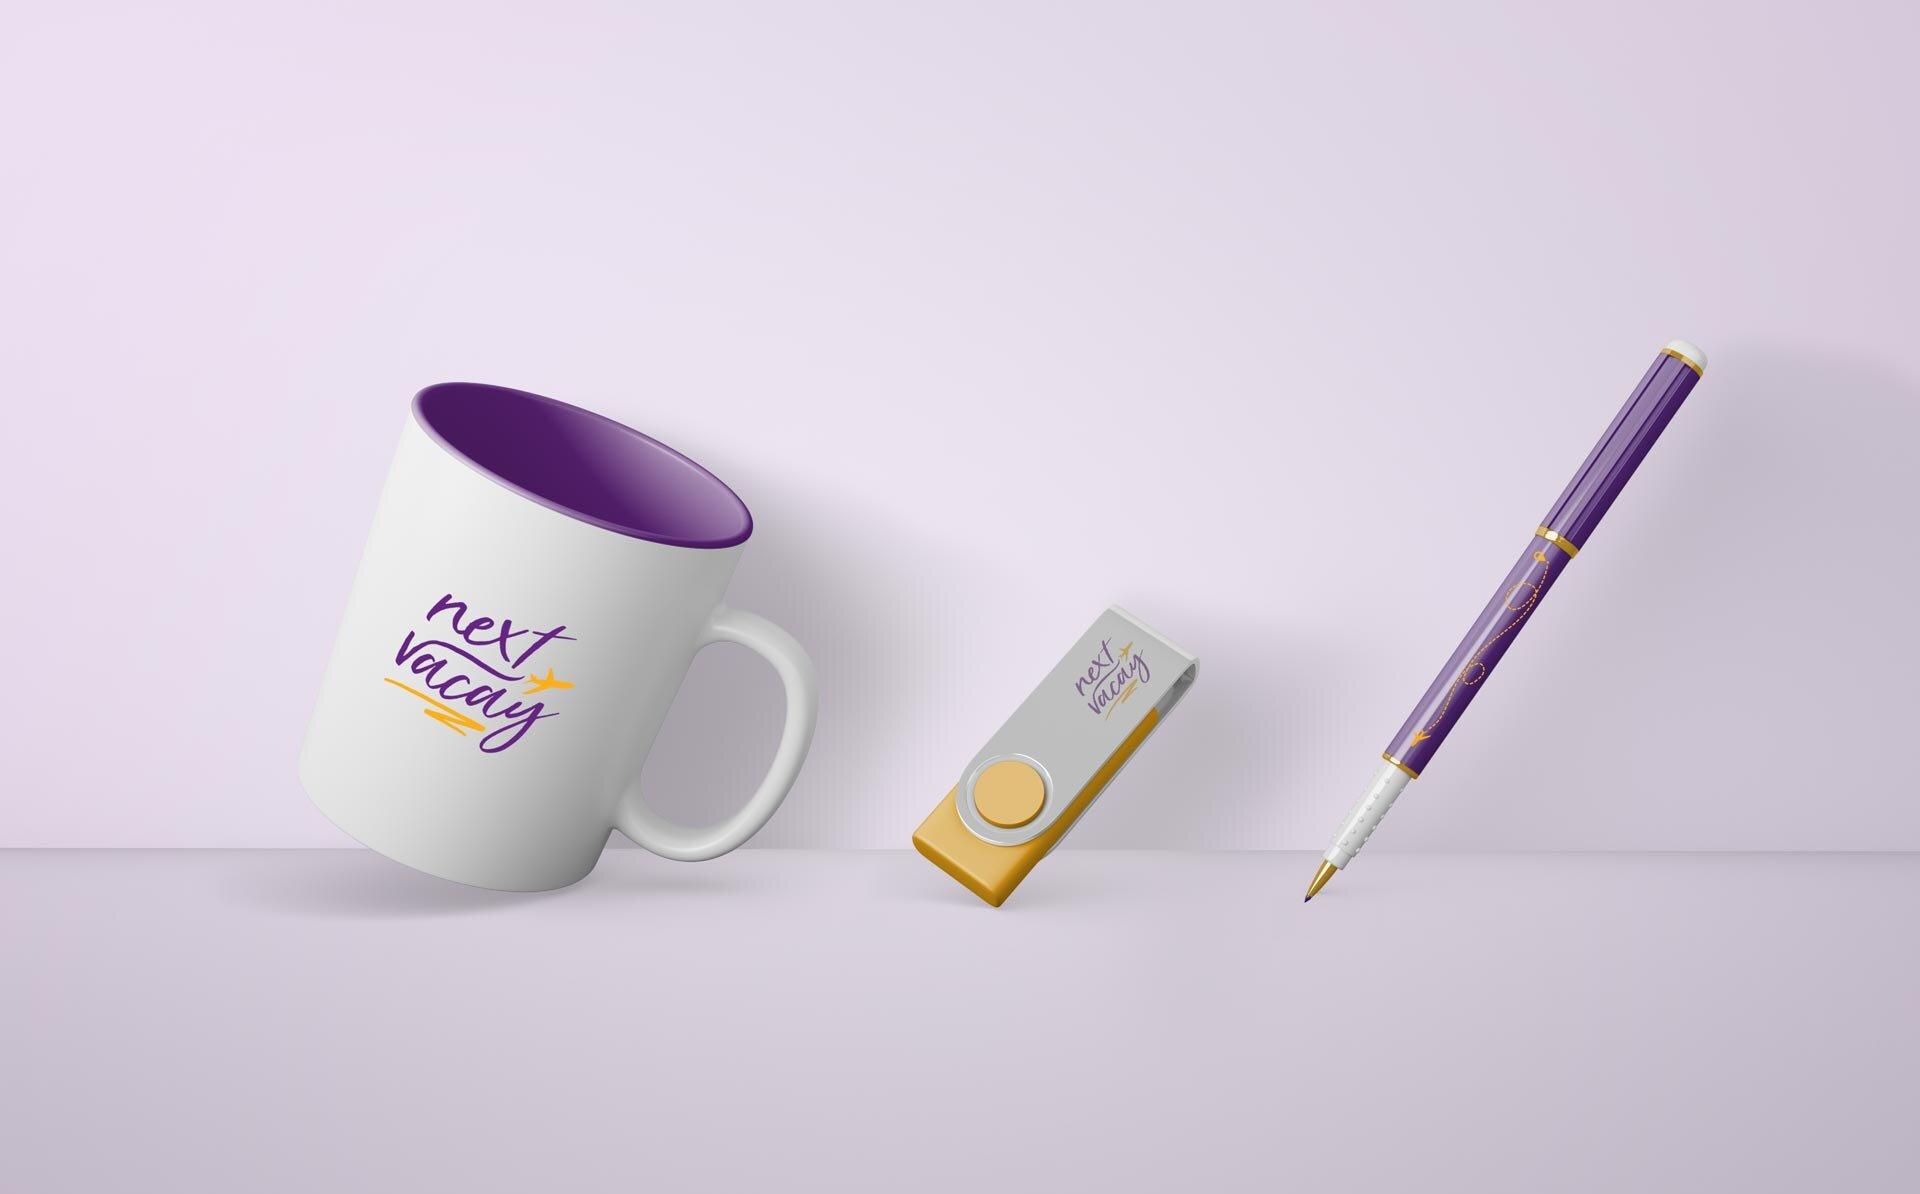 Next-Vacay-Mug-Pen.jpg